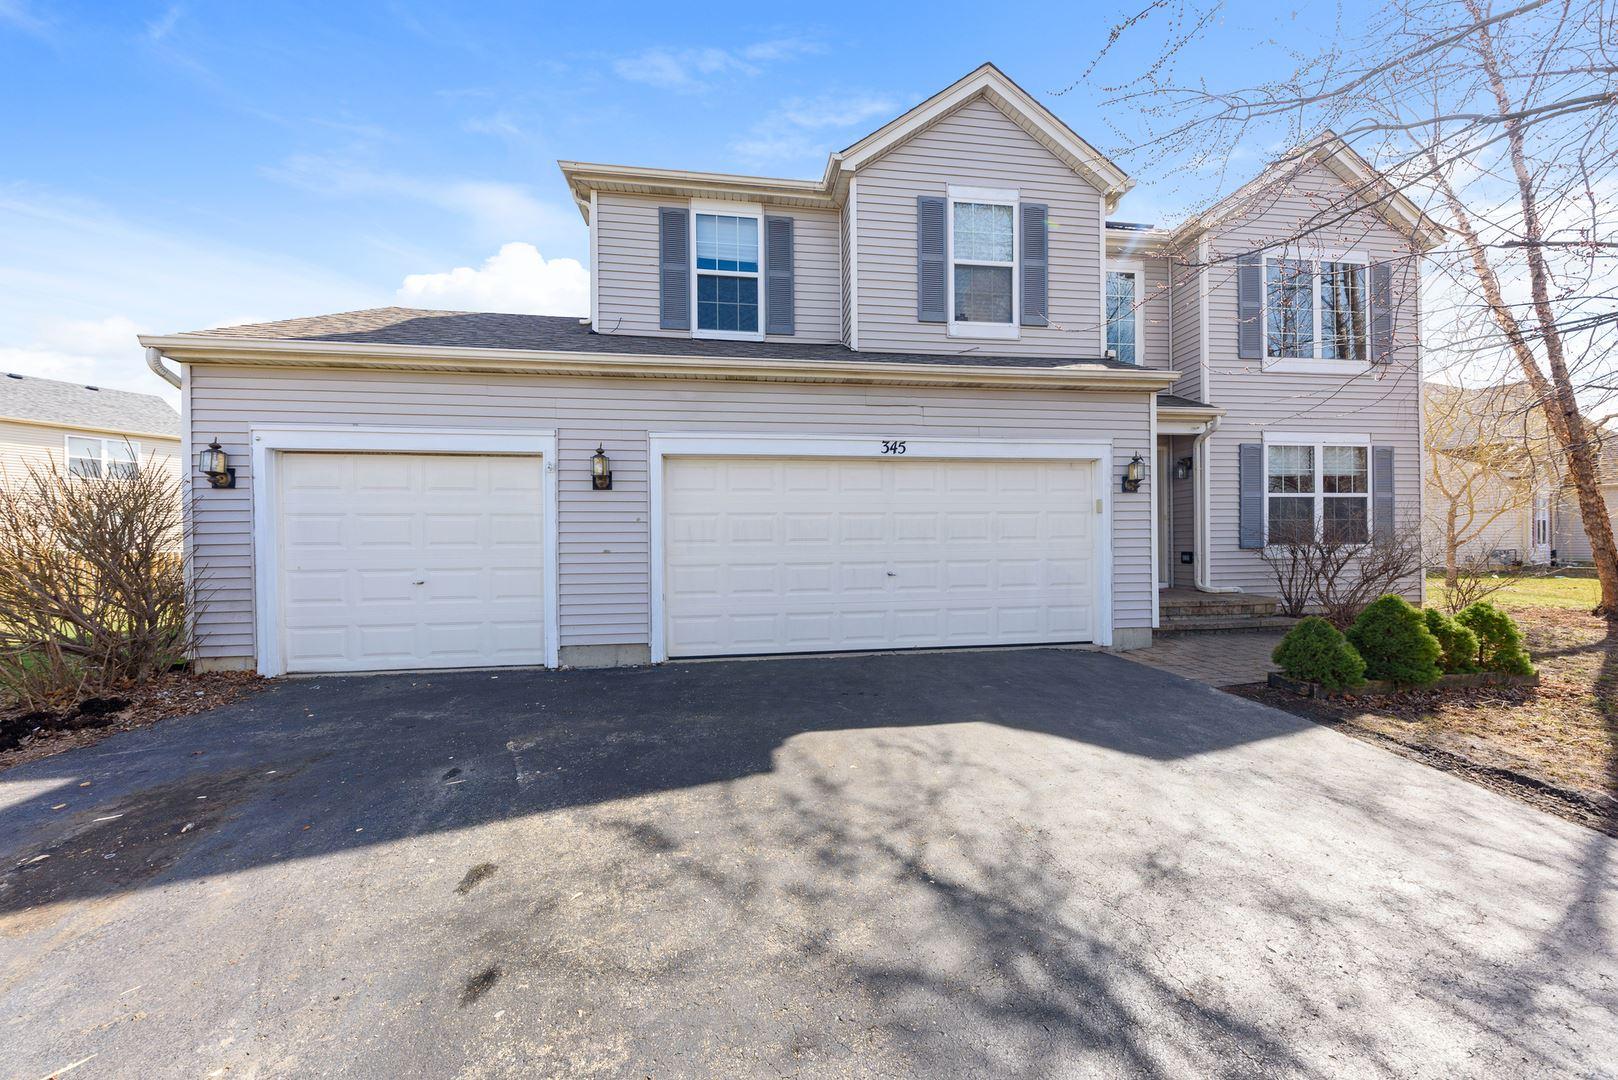 Photo of 345 Zinnia Drive, Romeoville, IL 60446 (MLS # 11016549)